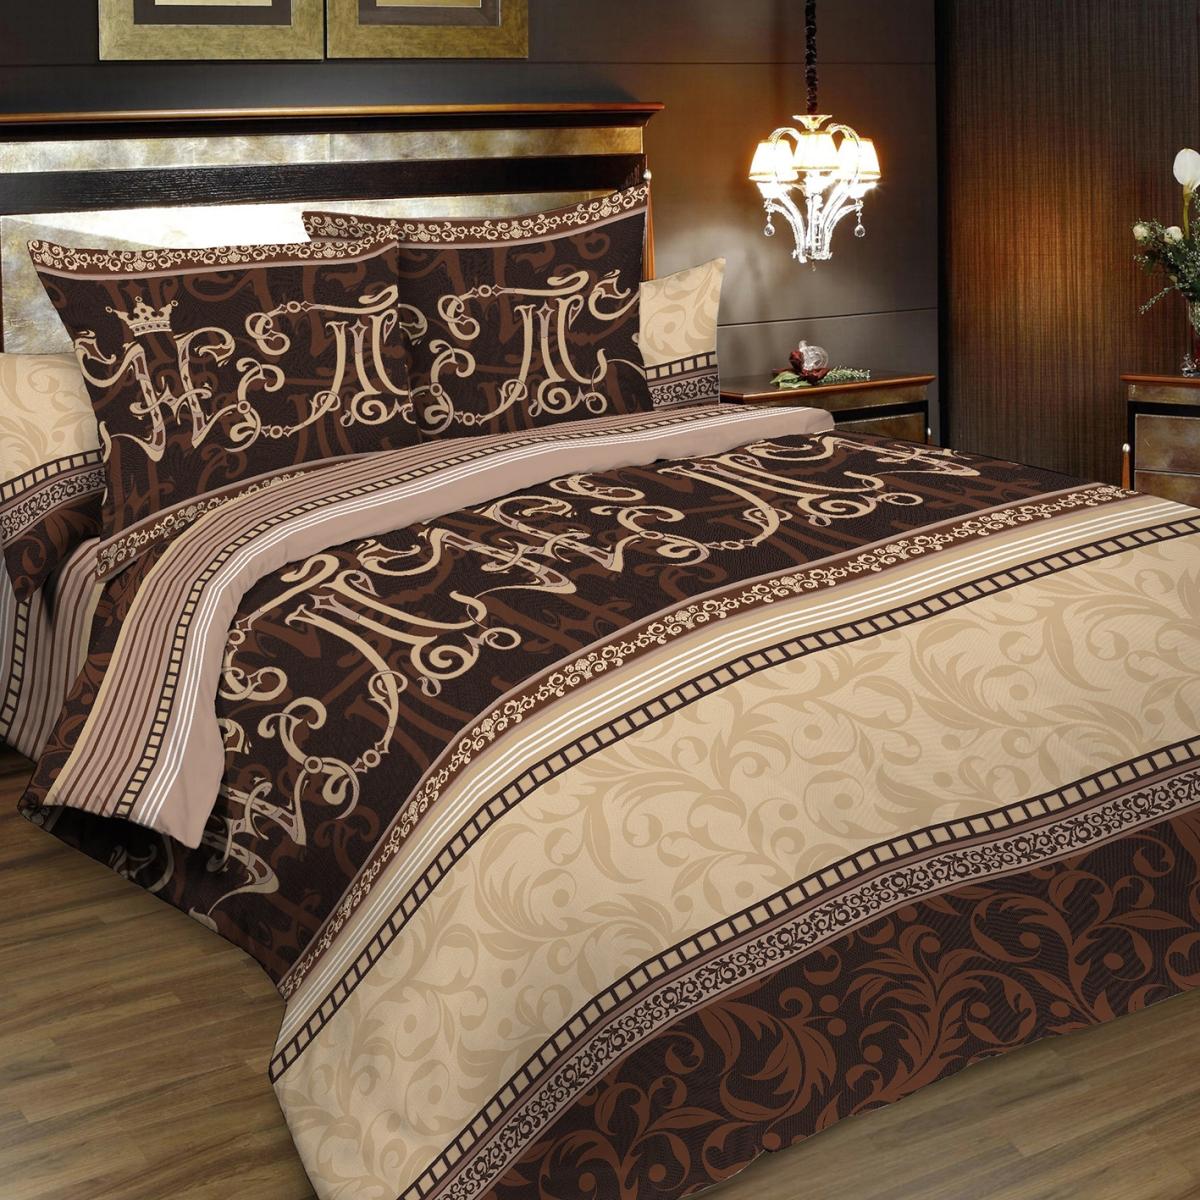 Комплект белья Letto, 2-спальный, наволочки 70х70. B186-4B186-4Комплект постельного белья Letto выполнен из классической российской бязи (хлопка). Комплект состоит из пододеяльника, простыни и двух наволочек. Постельное белье, оформленное оригинальными узорами, имеет изысканный внешний вид. Пододеяльник снабжен молнией. Благодаря такому комплекту постельного белья вы сможете создать атмосферу роскоши и романтики в вашей спальне. Уважаемые клиенты! Обращаем ваше внимание на тот факт, что расцветка наволочек может отличаться от представленной на фото.